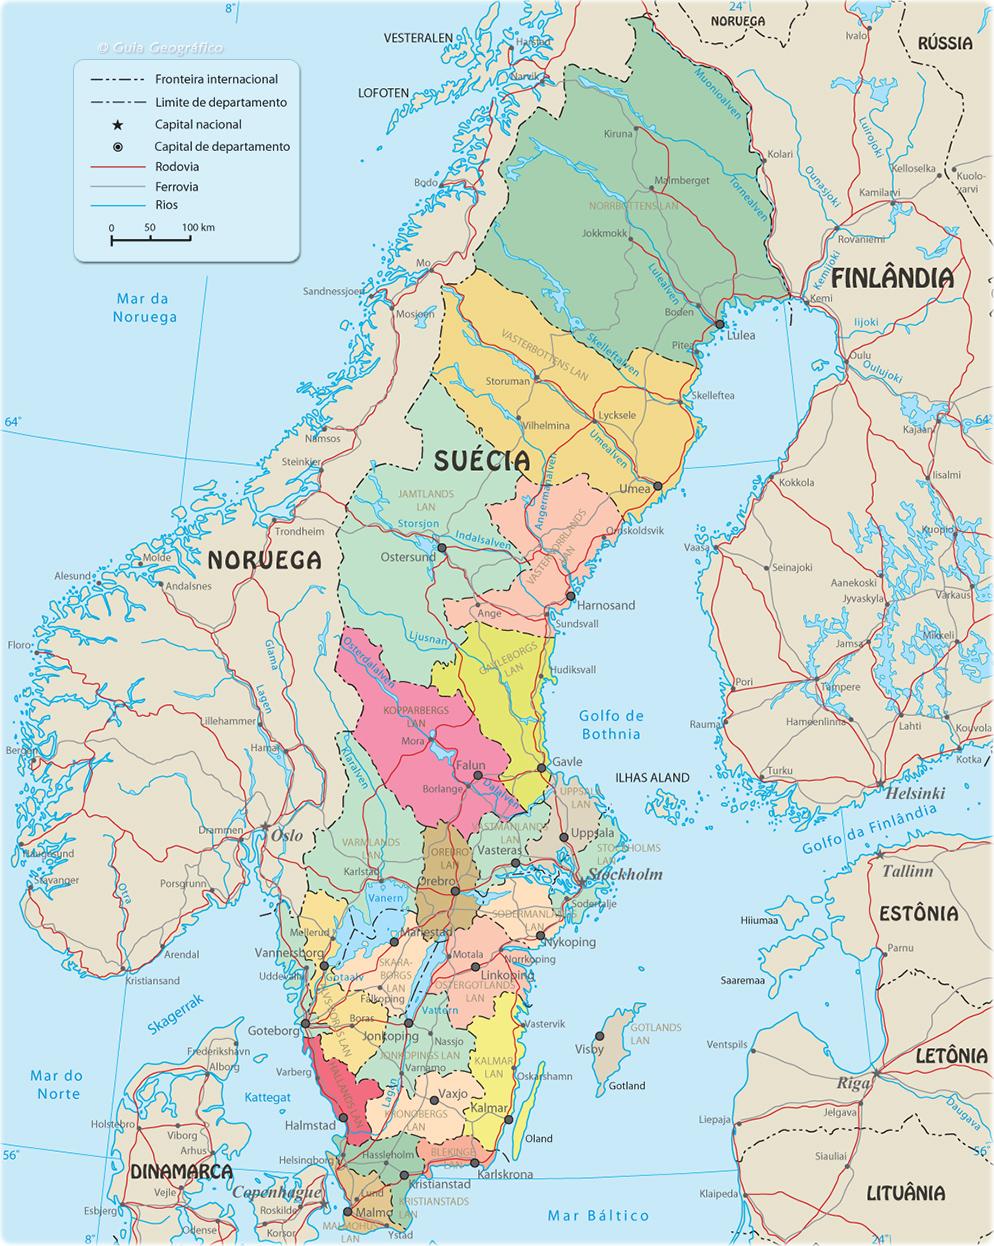 Mapa Politico De Suecia.Mapa Politico Da Suecia